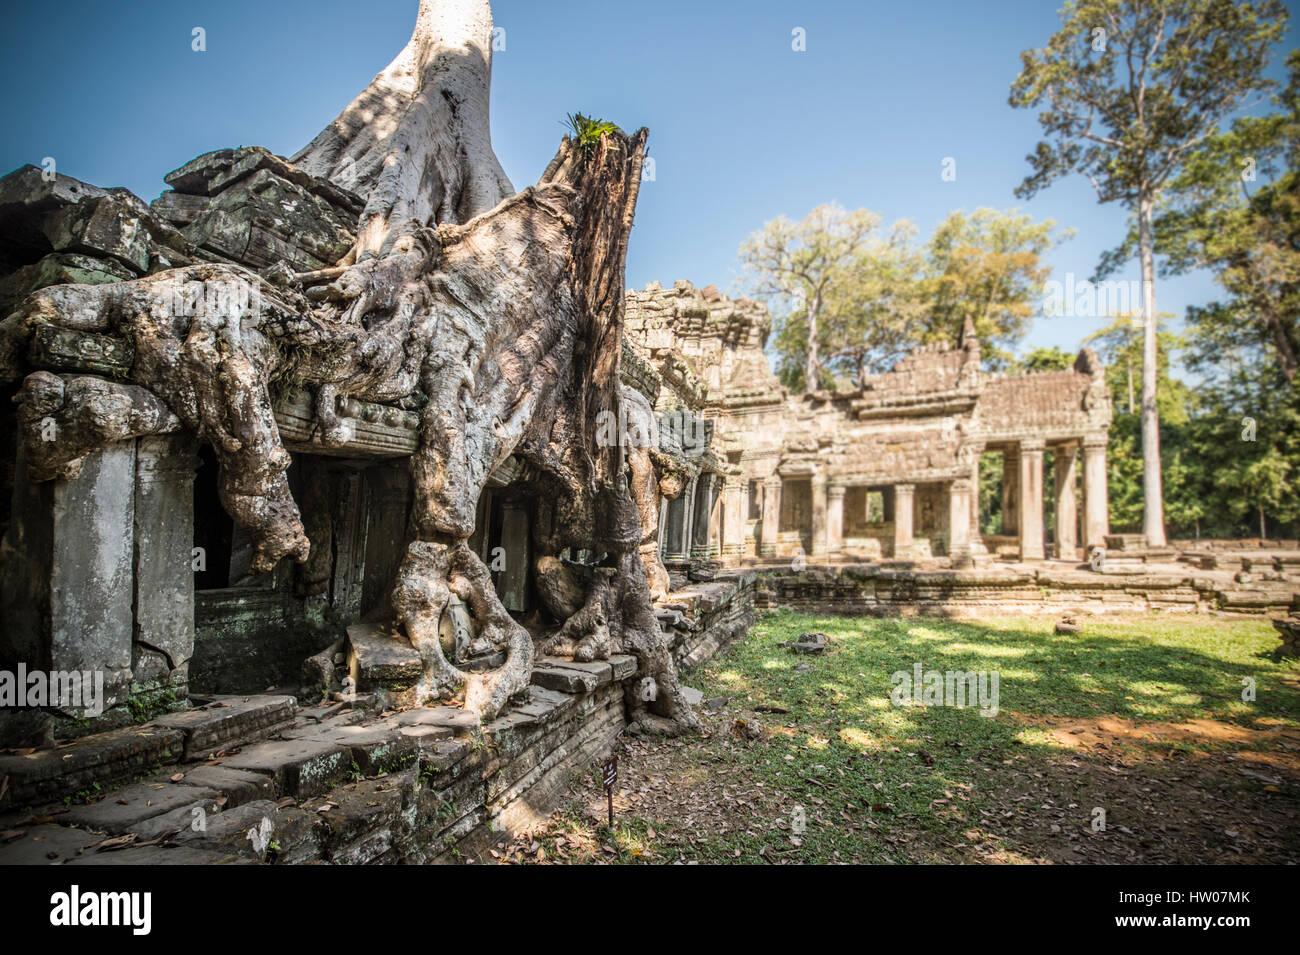 Ruins of ancient Angkor Wat in Cambodia - Stock Image